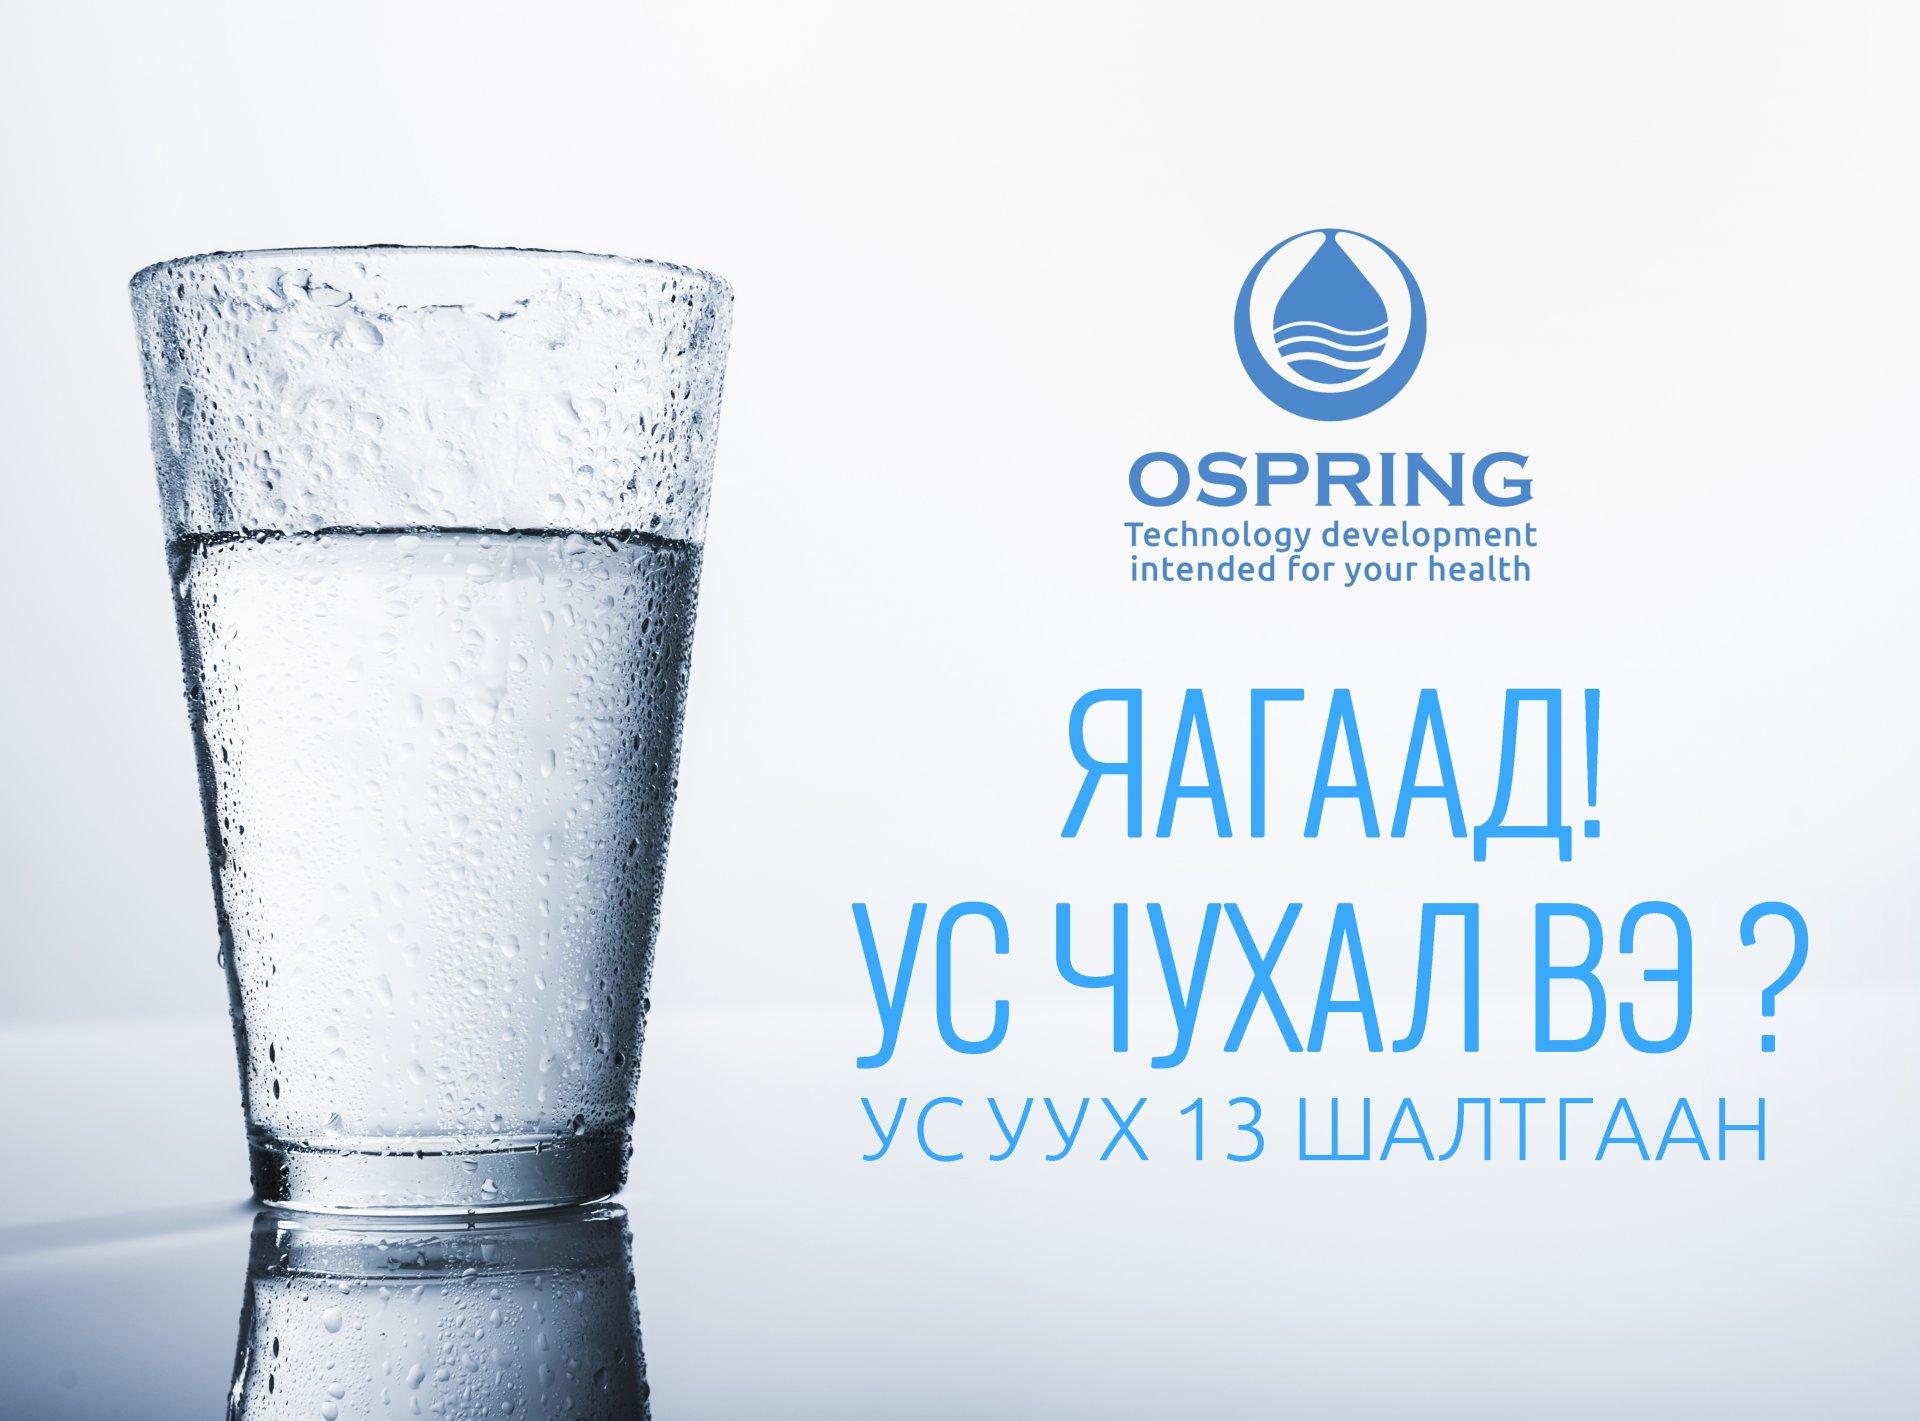 Яагаад УС чухал вэ|Ус уух 13 шалтгаан